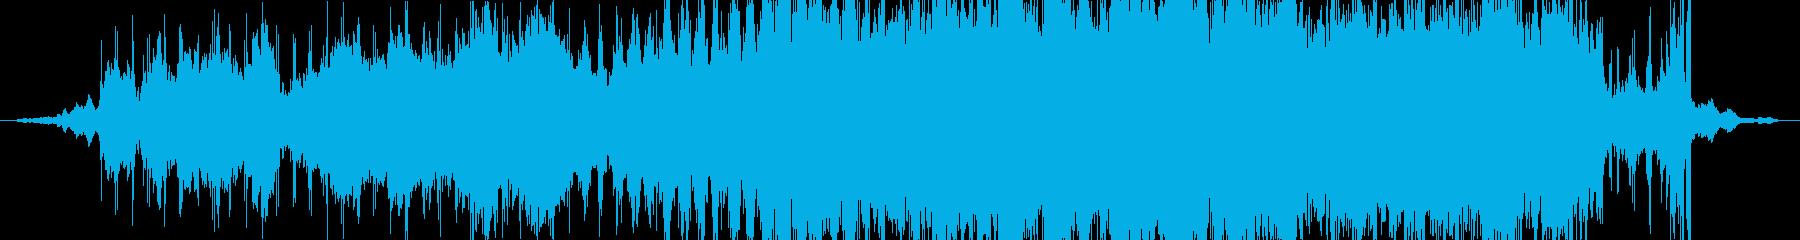 神話を題材にしたアンビエント曲です。の再生済みの波形